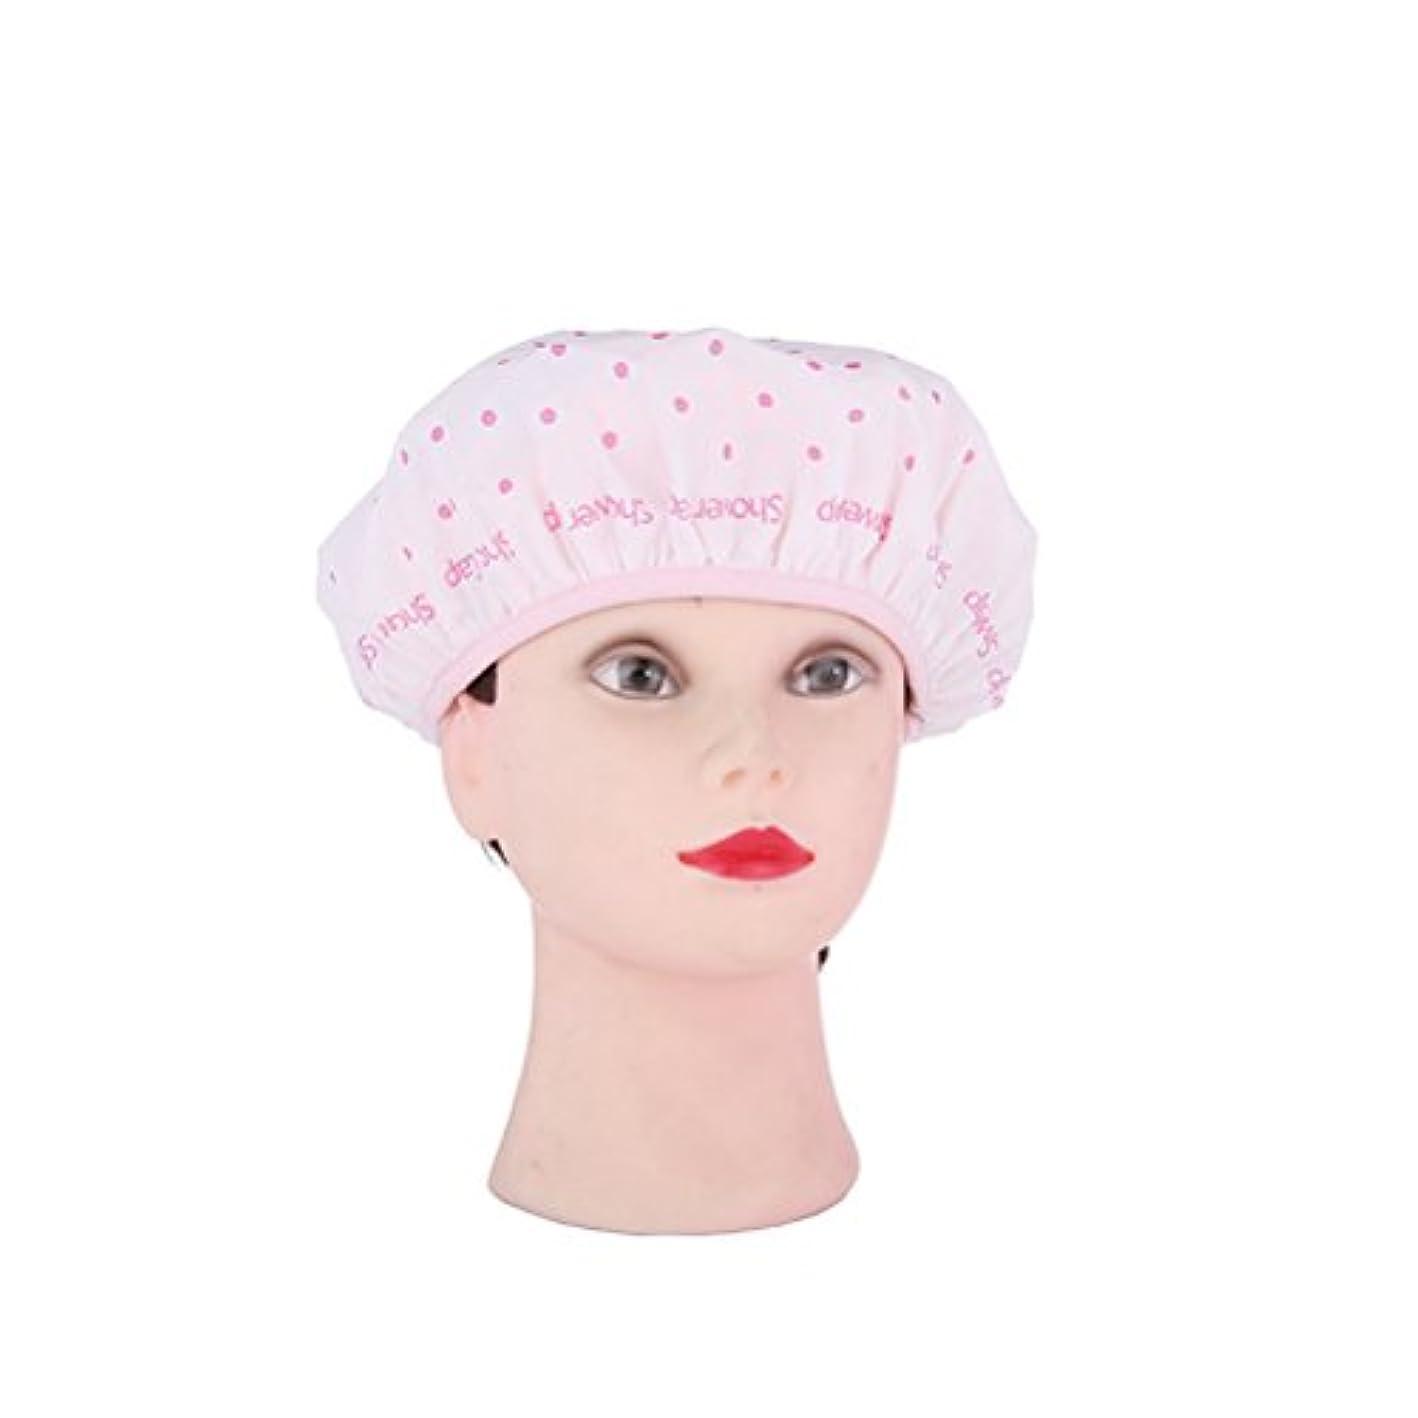 単調な唇告発者ROSENICE シャワーキャップ防水性モールド抵抗性の洗えるシャワーキャップかわいいやわらかい髪の帽子(ピンク)